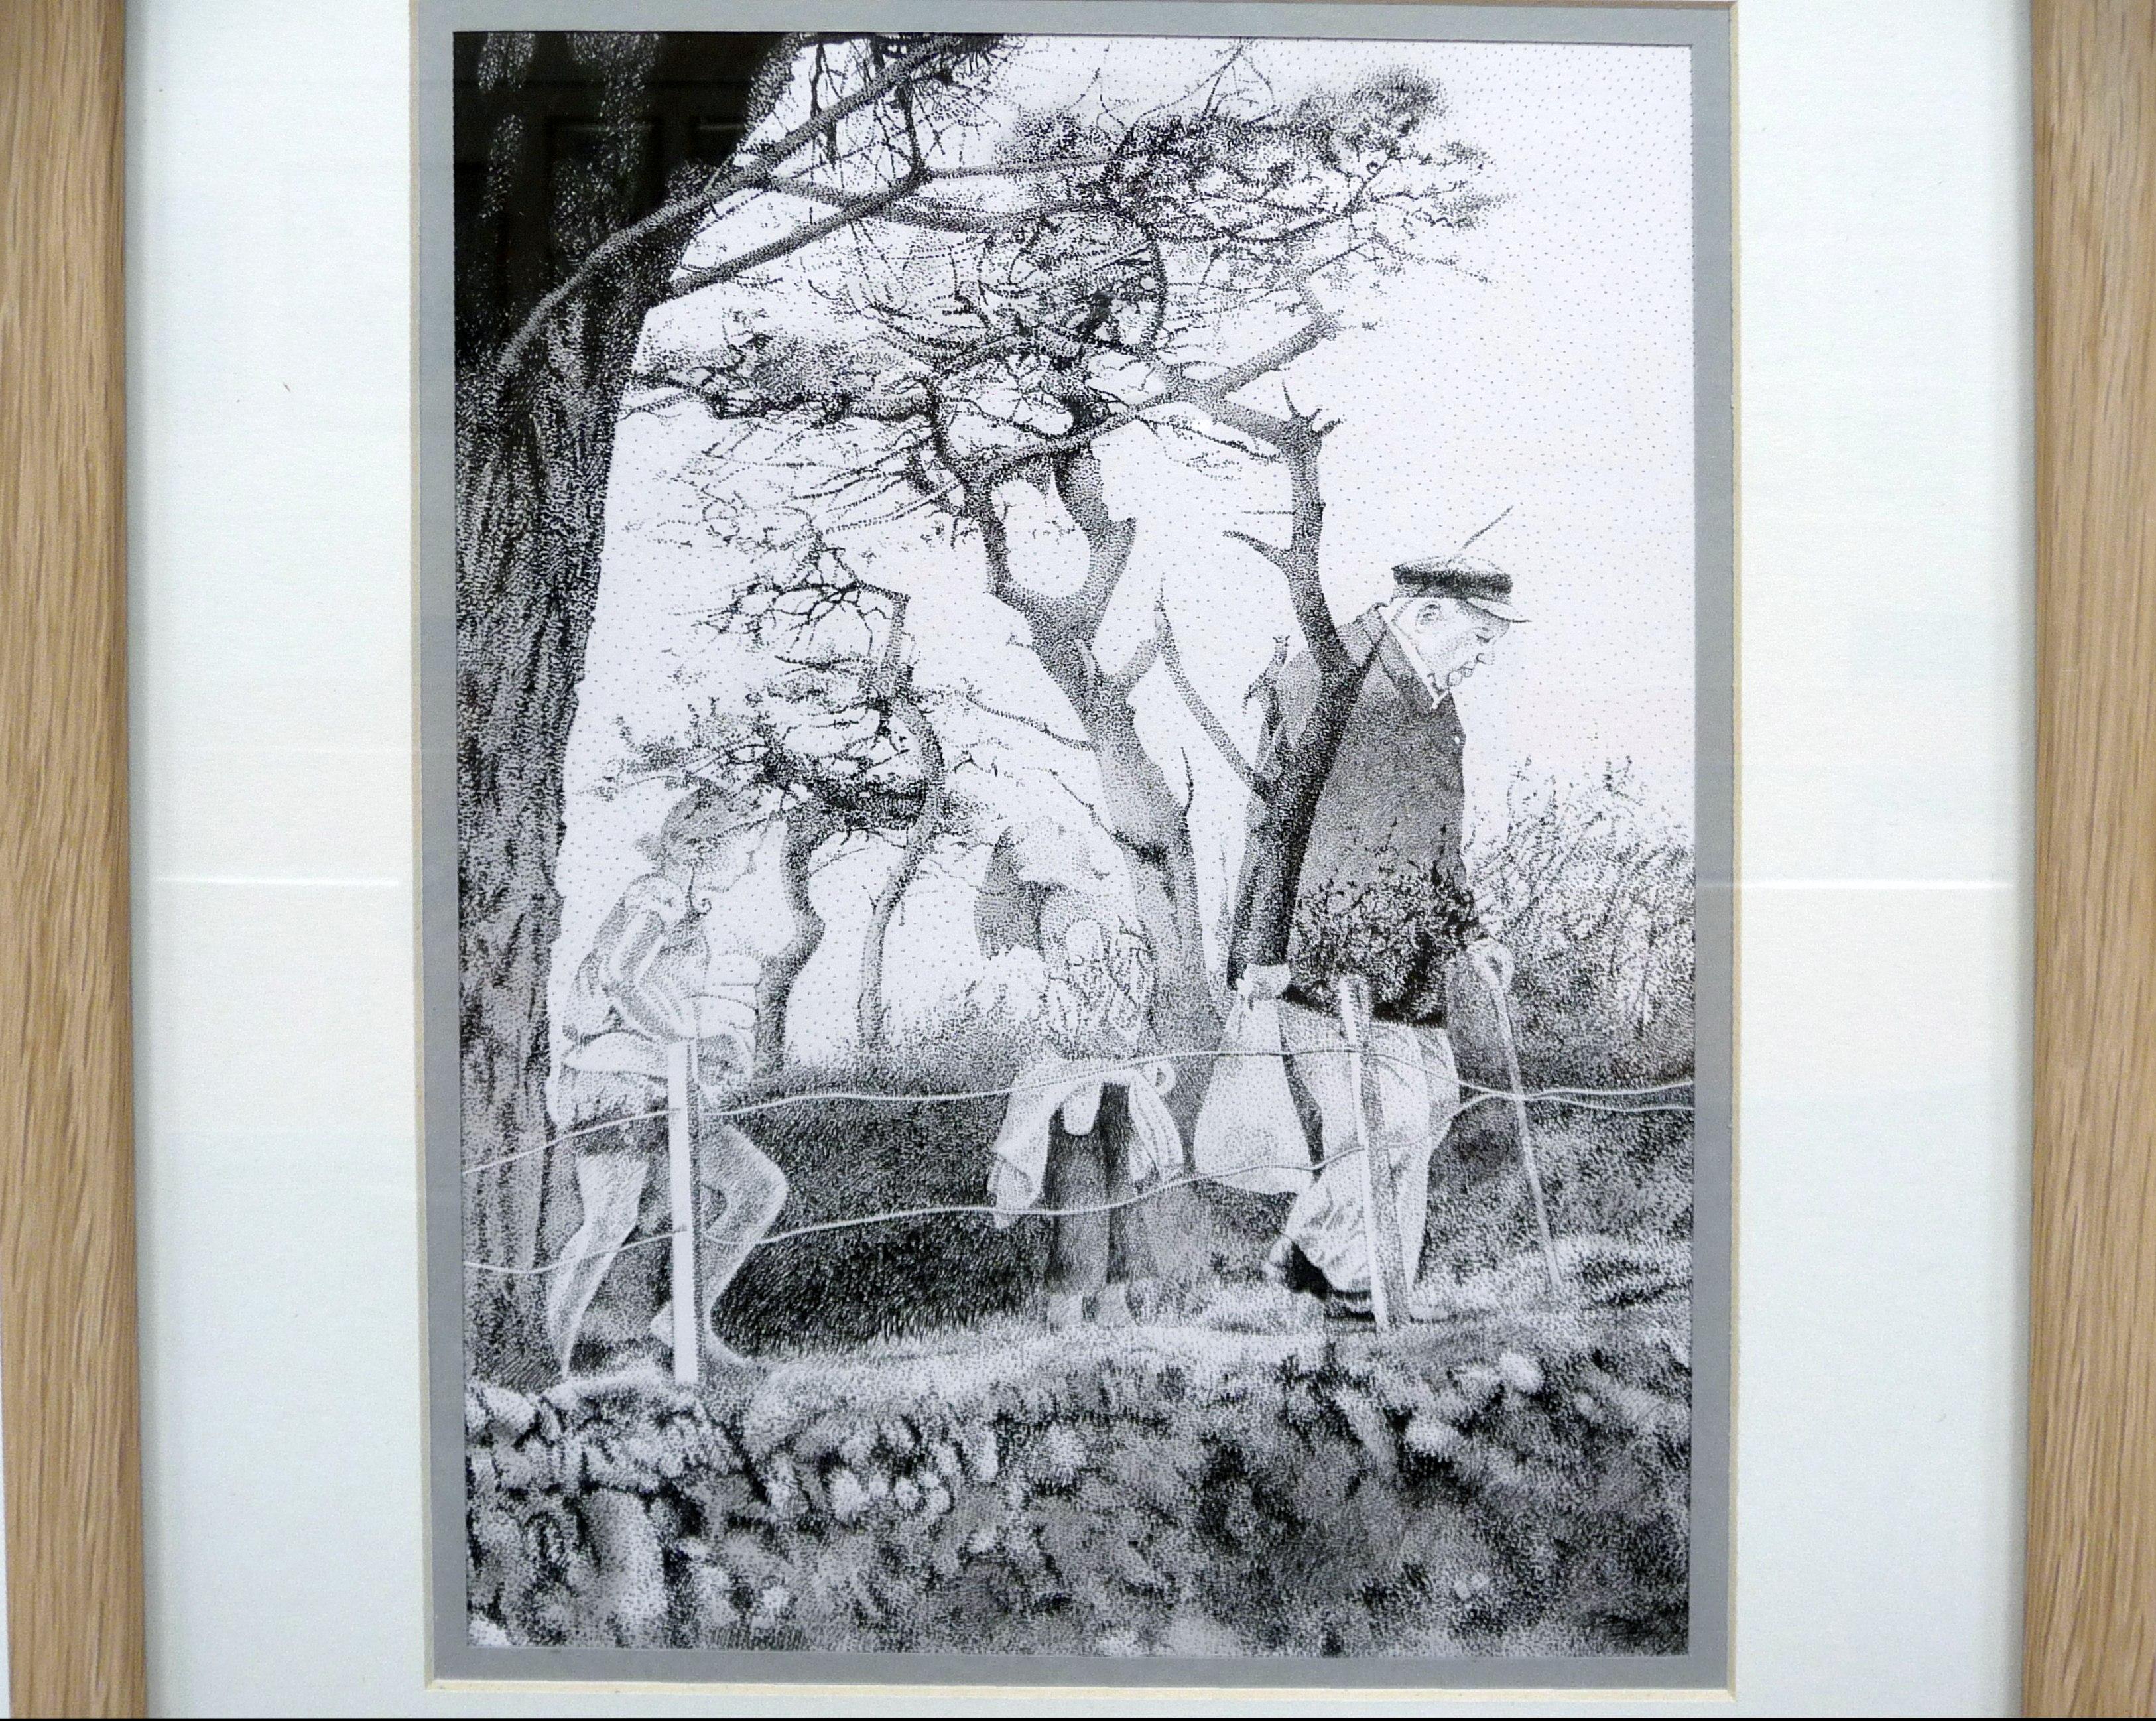 LIFE BETWEEN LIFE by Howard Gardener, pen & ink, acrylic